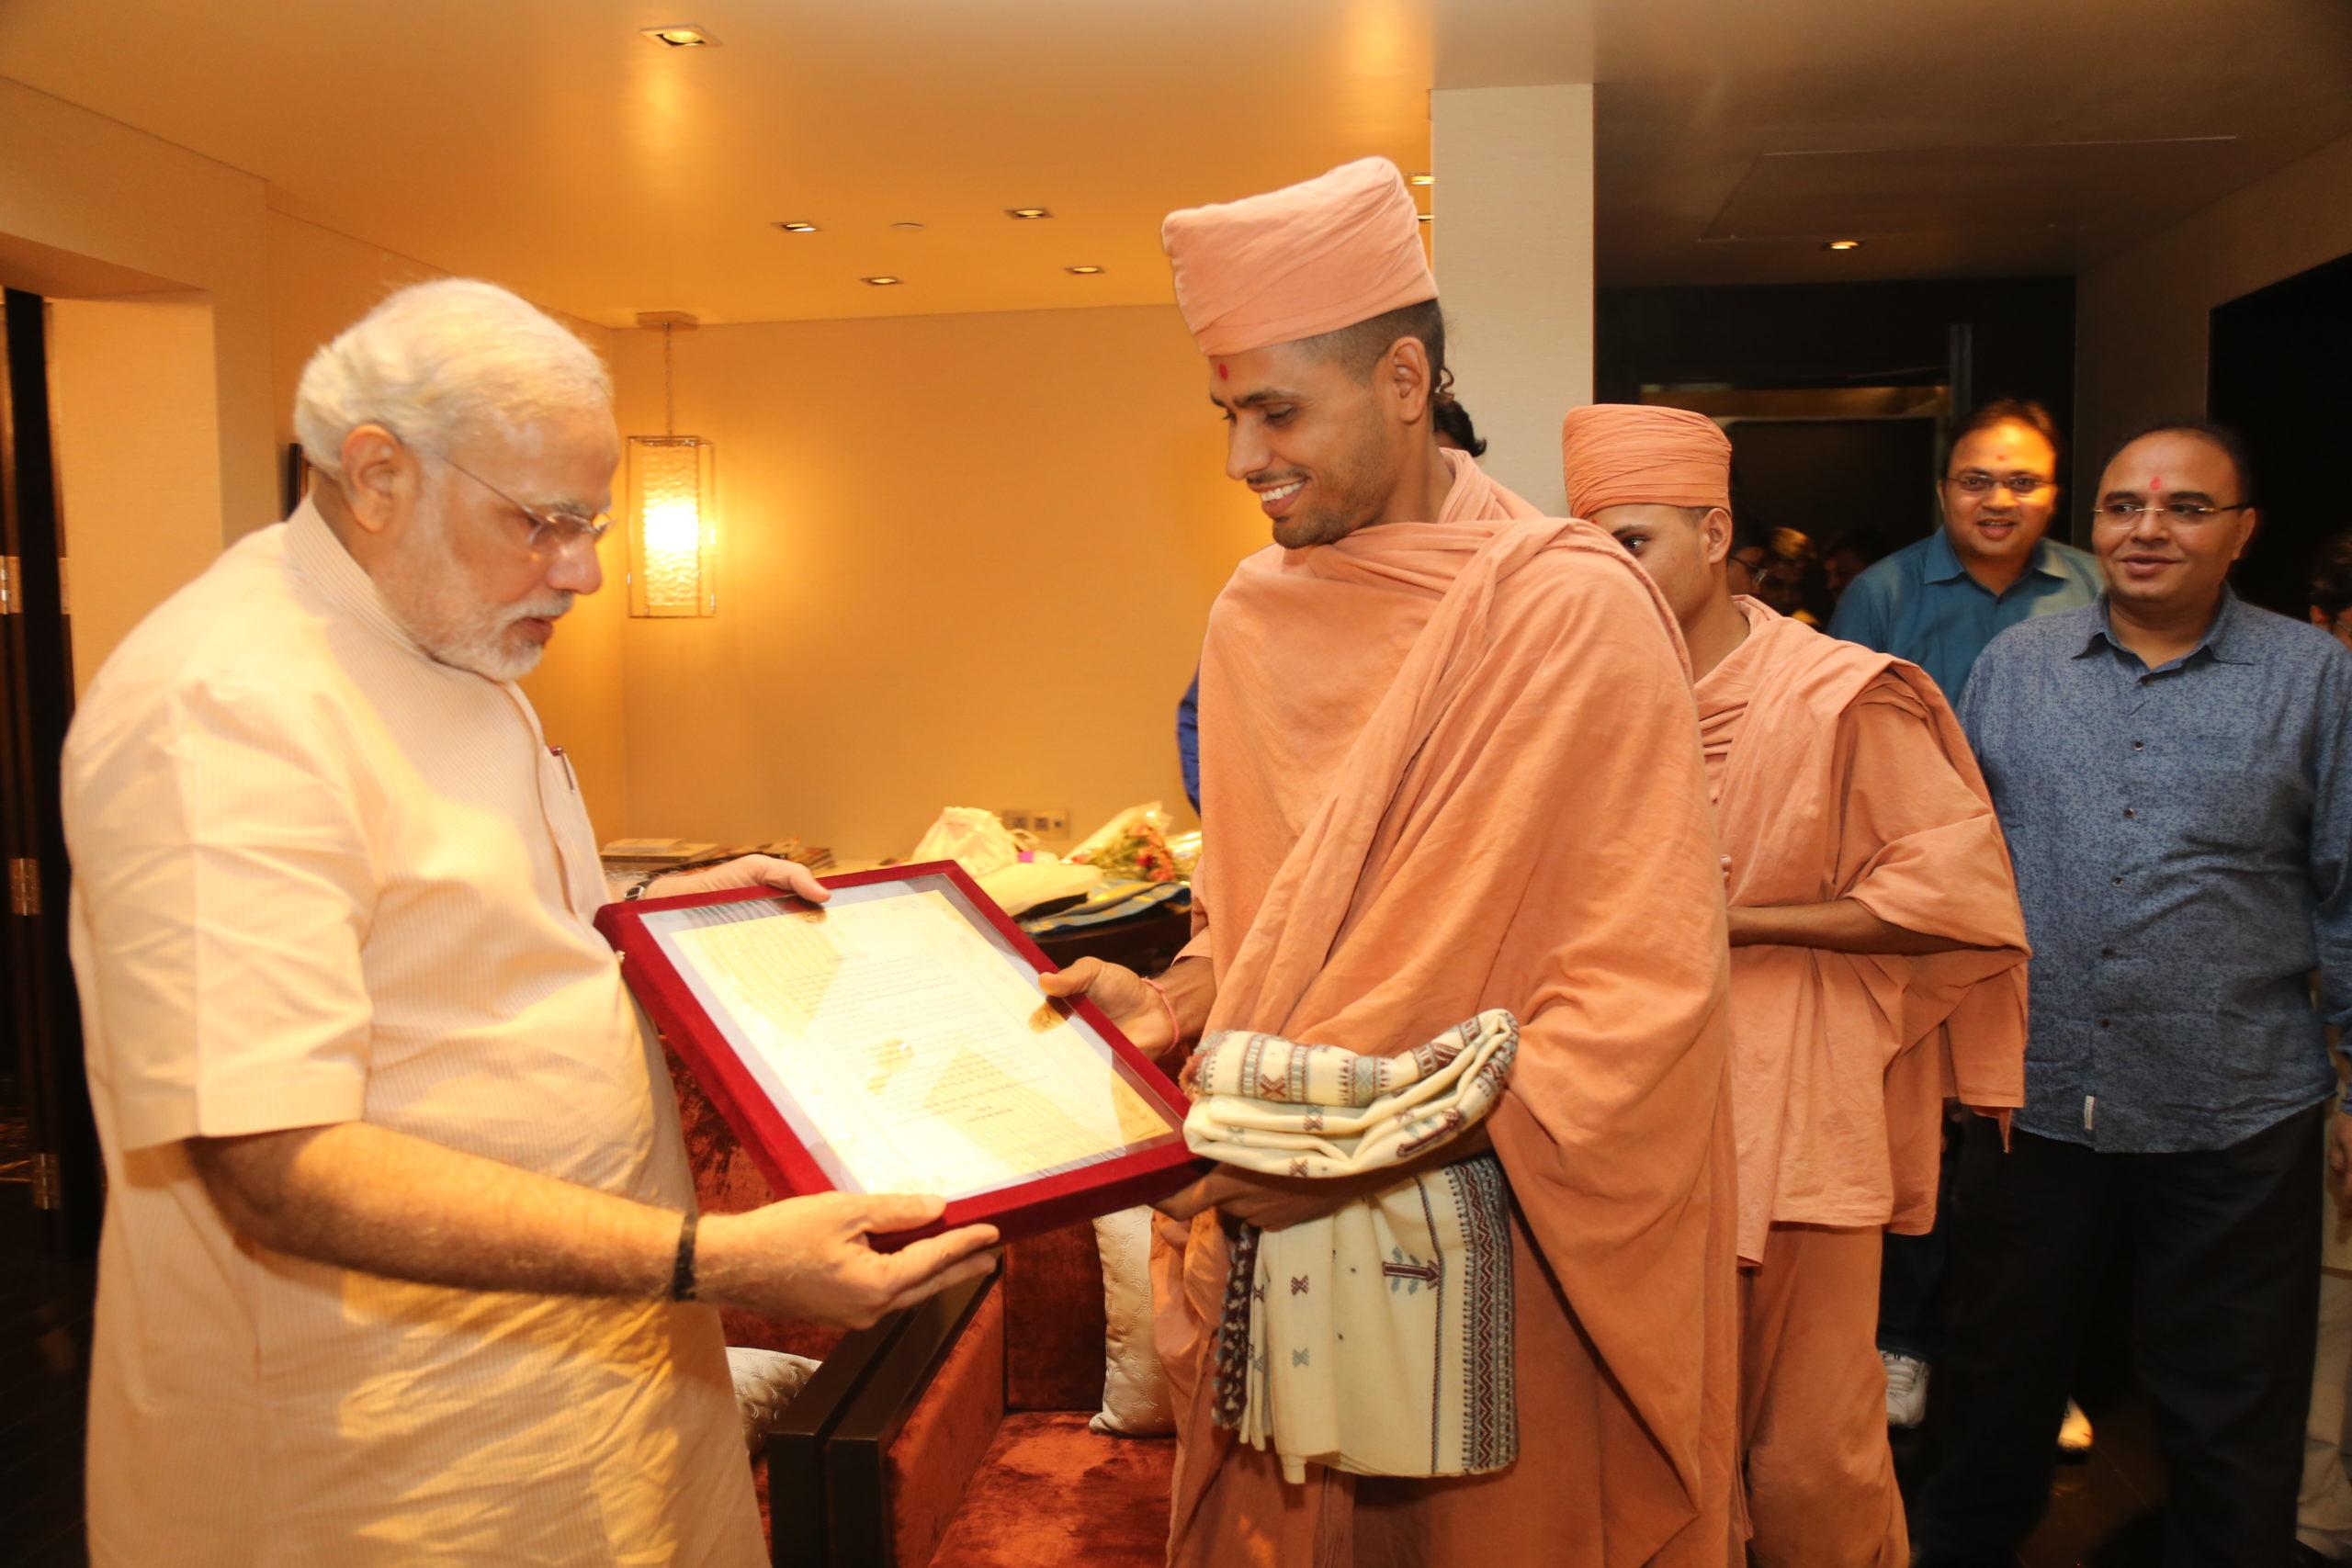 Saints of Swamy Narayan met Pm Narendra Modi